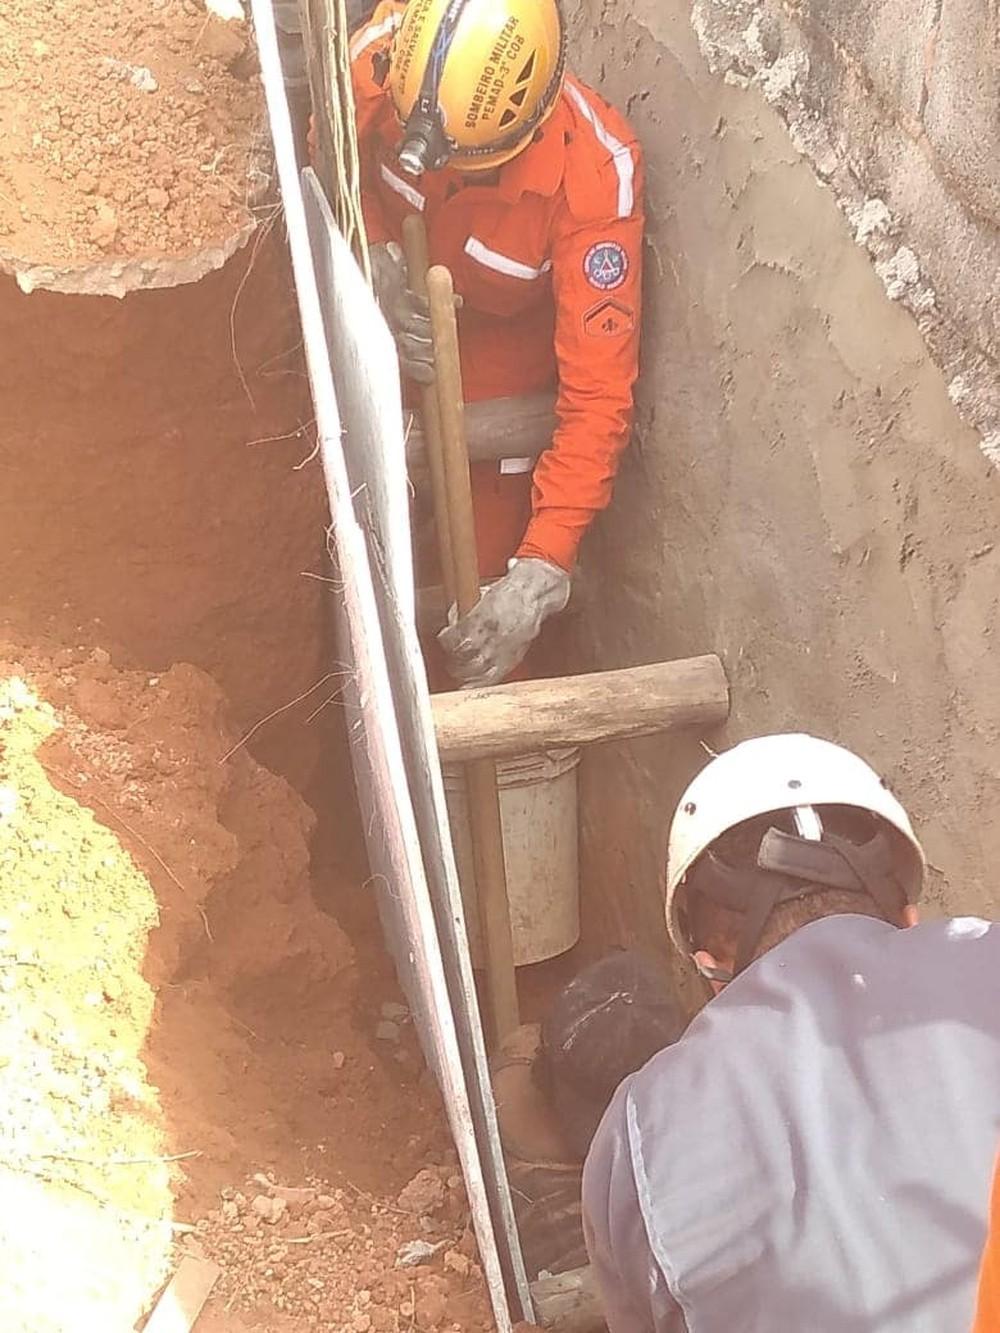 Trabalhador que ficou parcialmente soterrado em obra é liberado do hospital em Juiz de Fora - Notícias - Plantão Diário